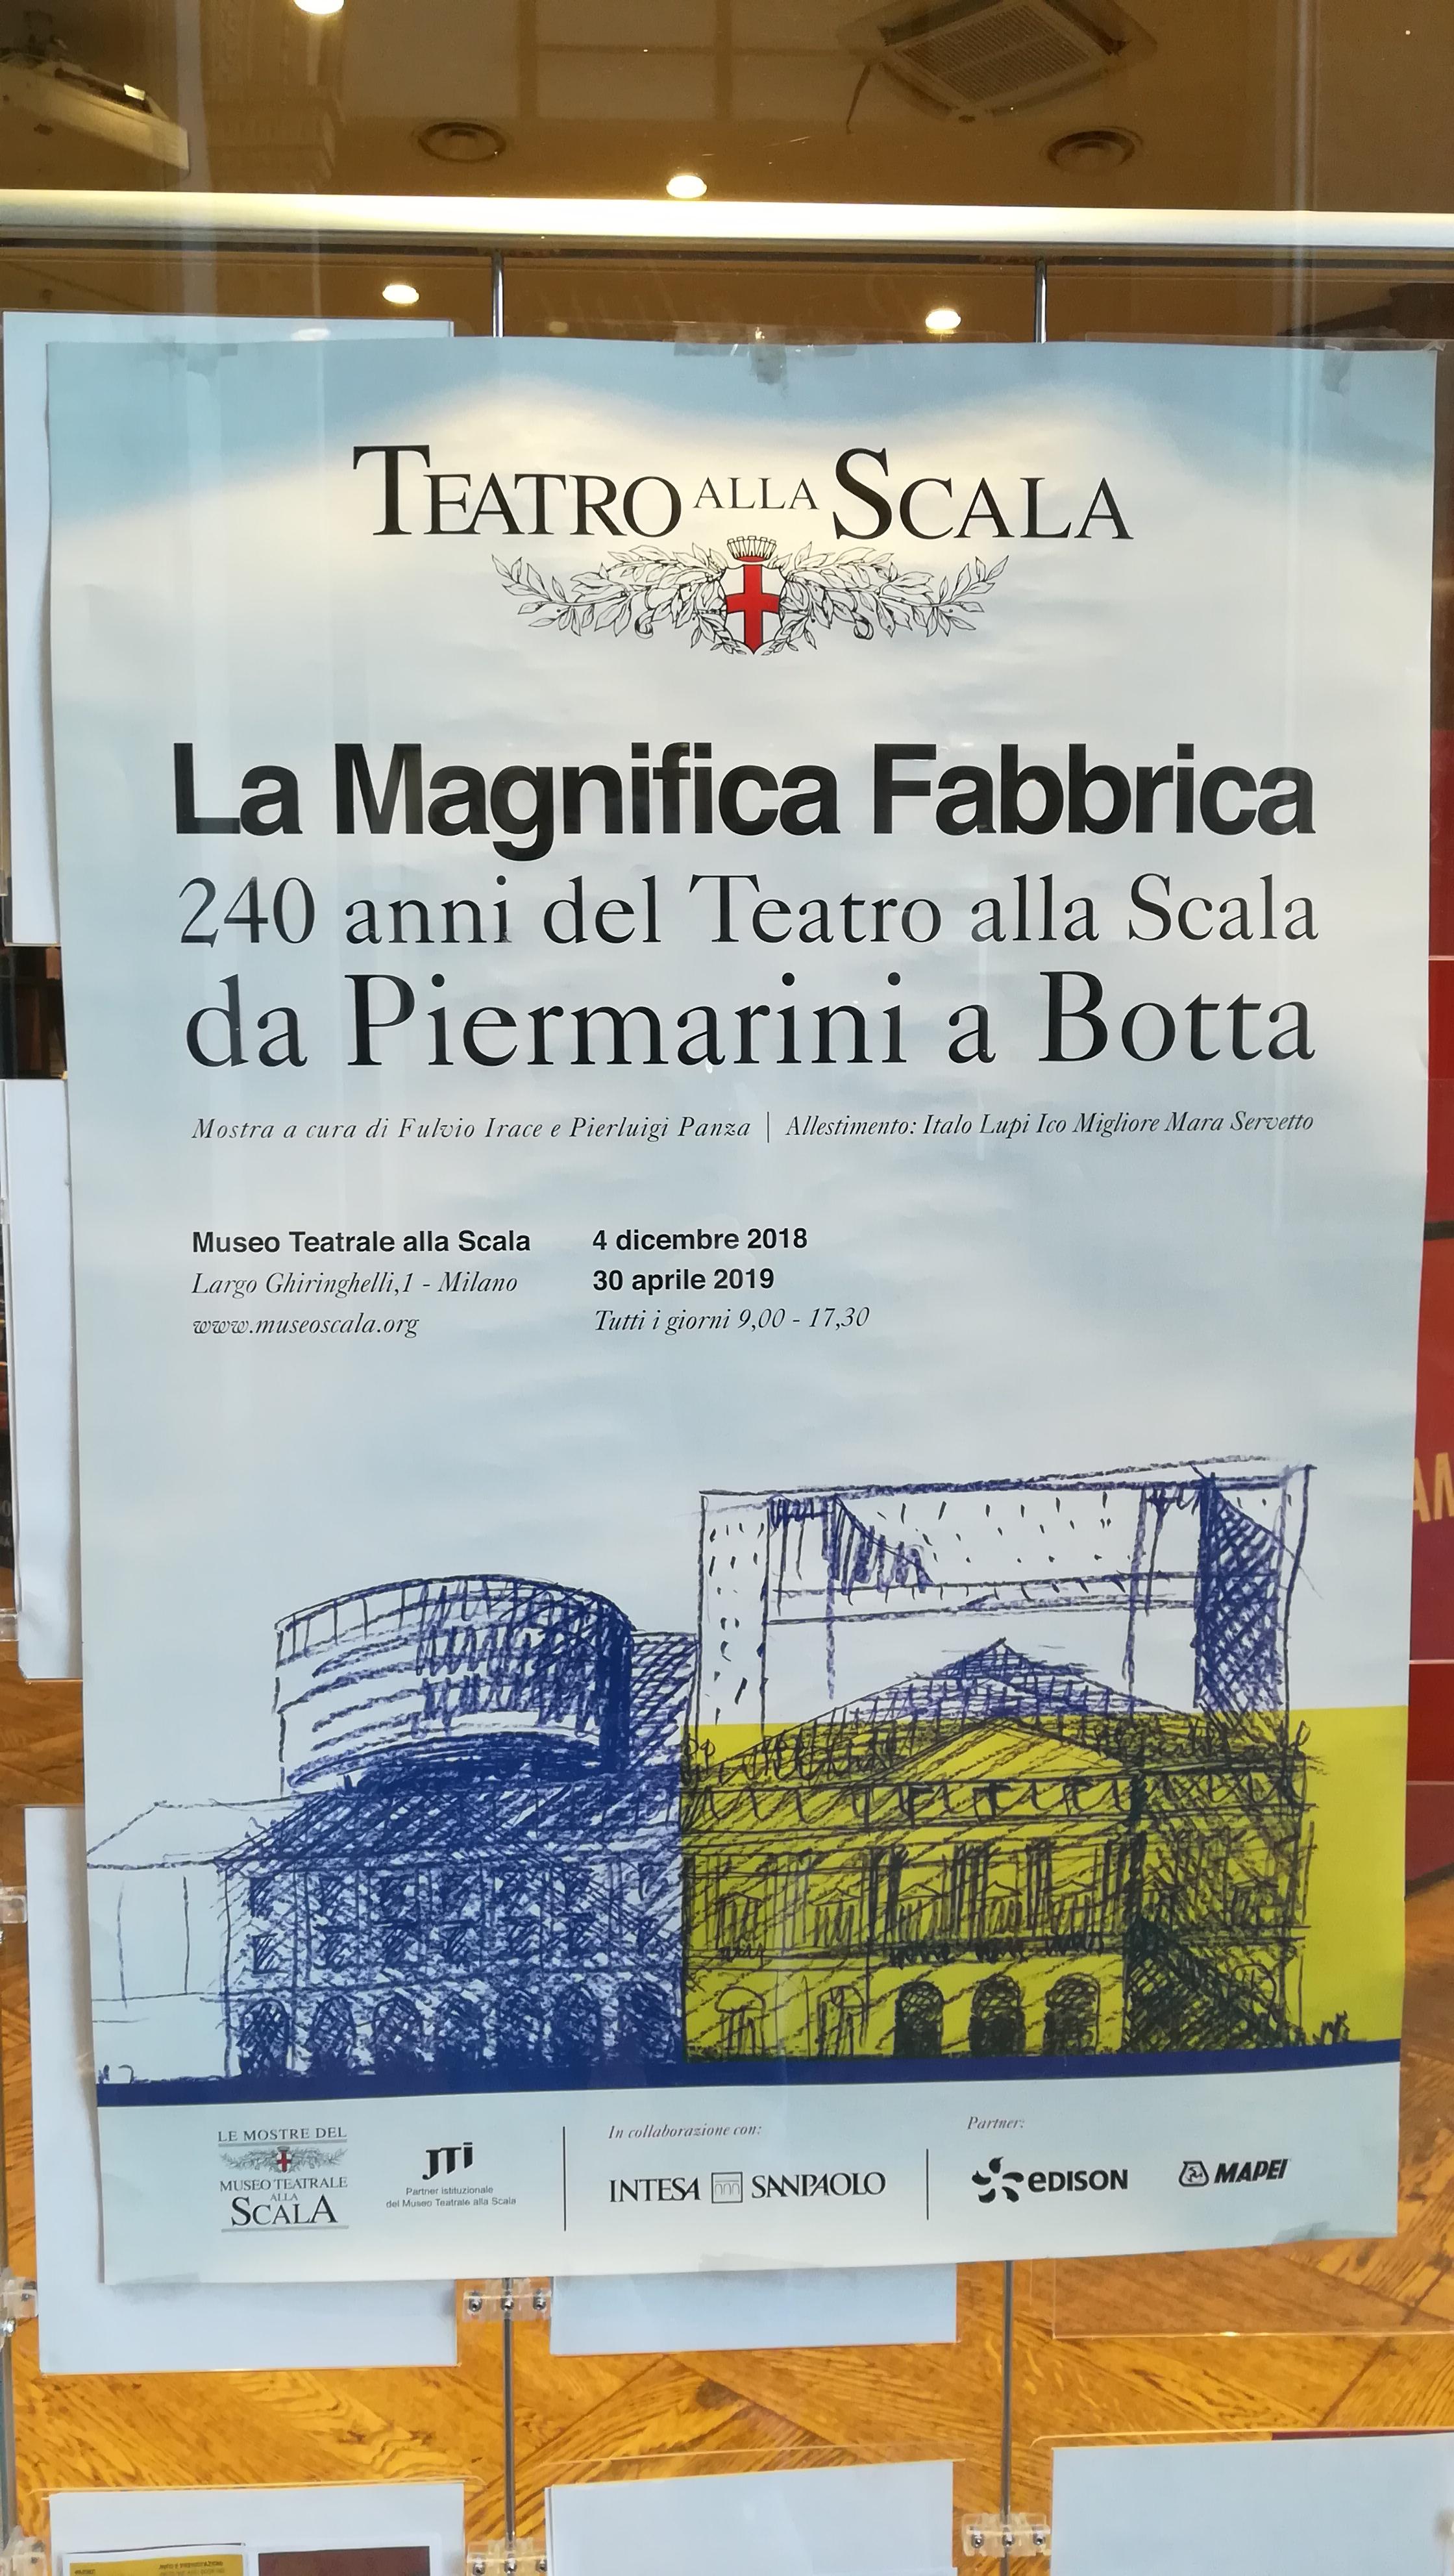 Manifesto della mostra La Magnifica Fabbrica in corso al Museo teatrale alla Scala.